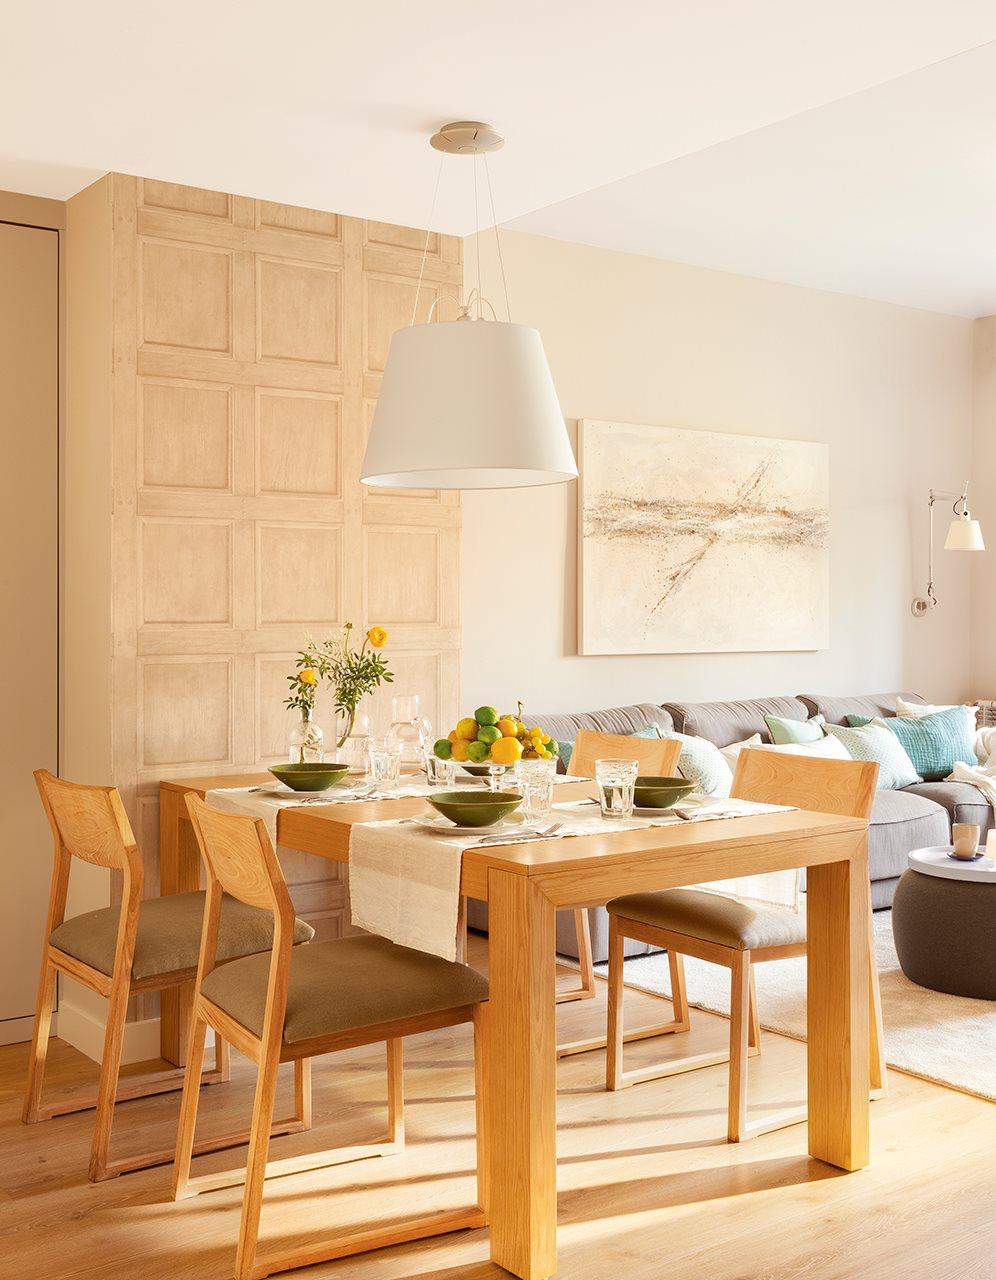 Comedor con papel pintado que imita un panel de madera . Comedor junto al salón con mobiliario de madera y vajilla en verde